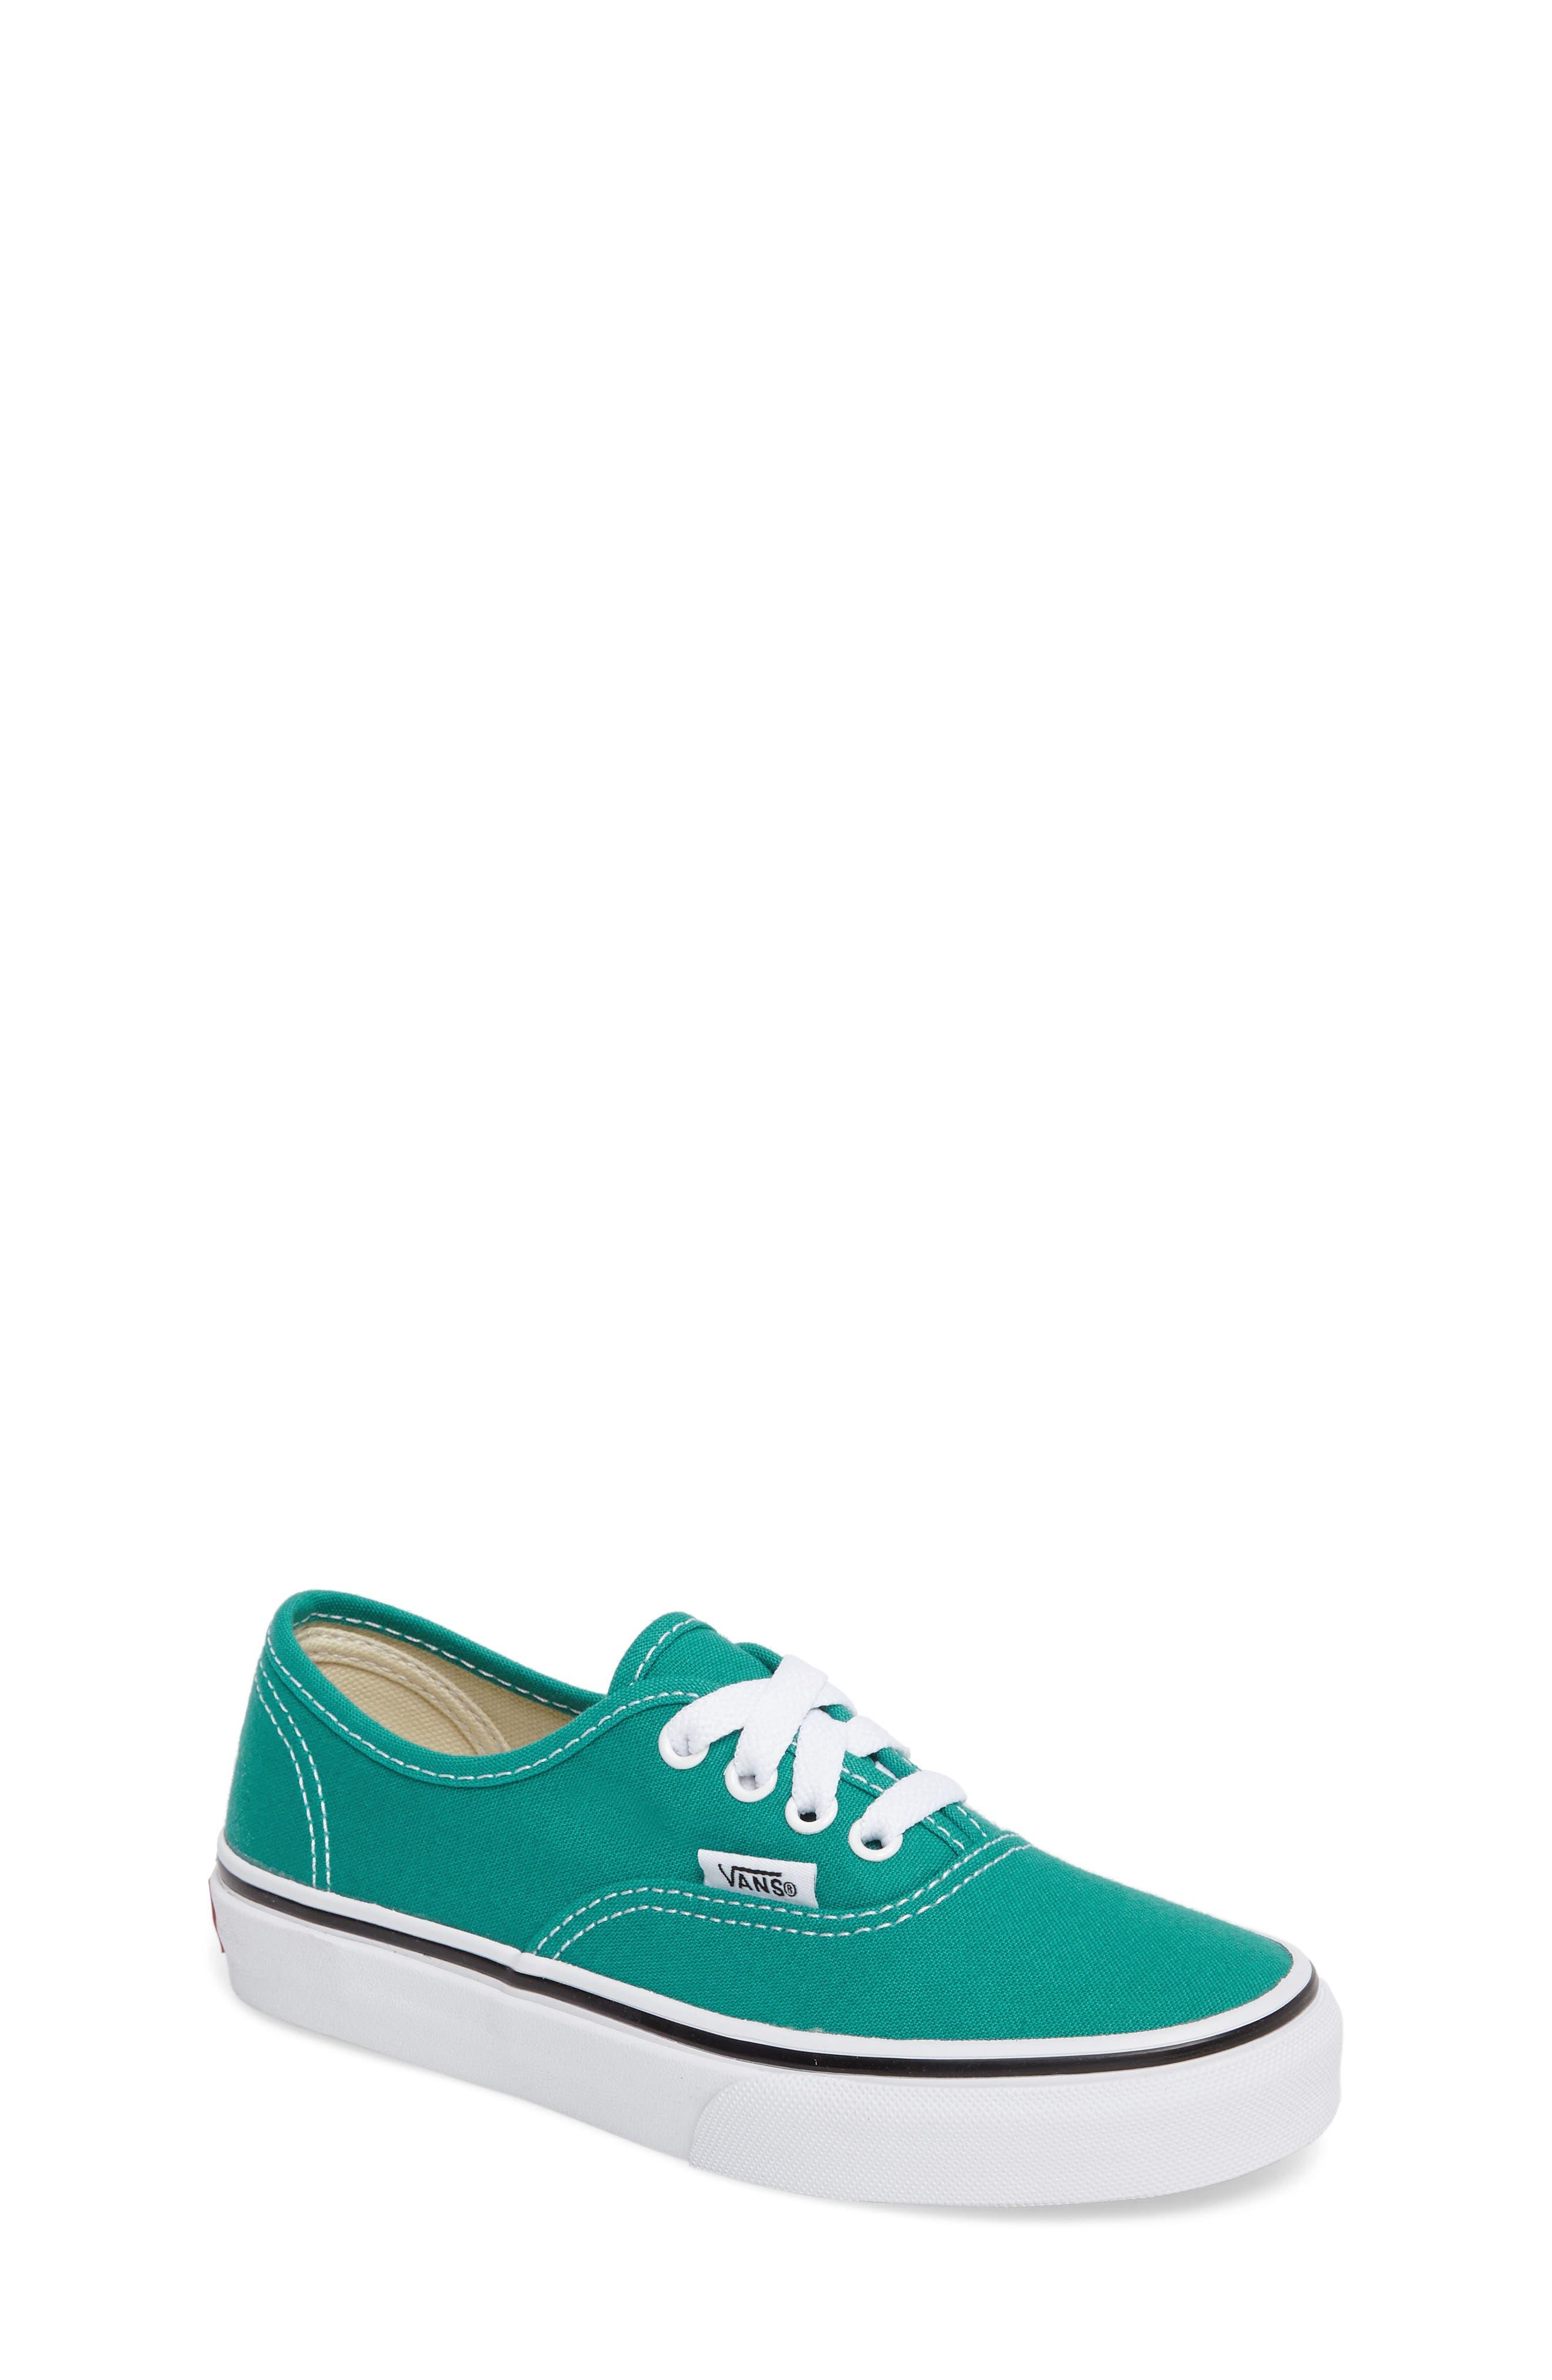 VANS Authentic Sneaker, Main, color, 400